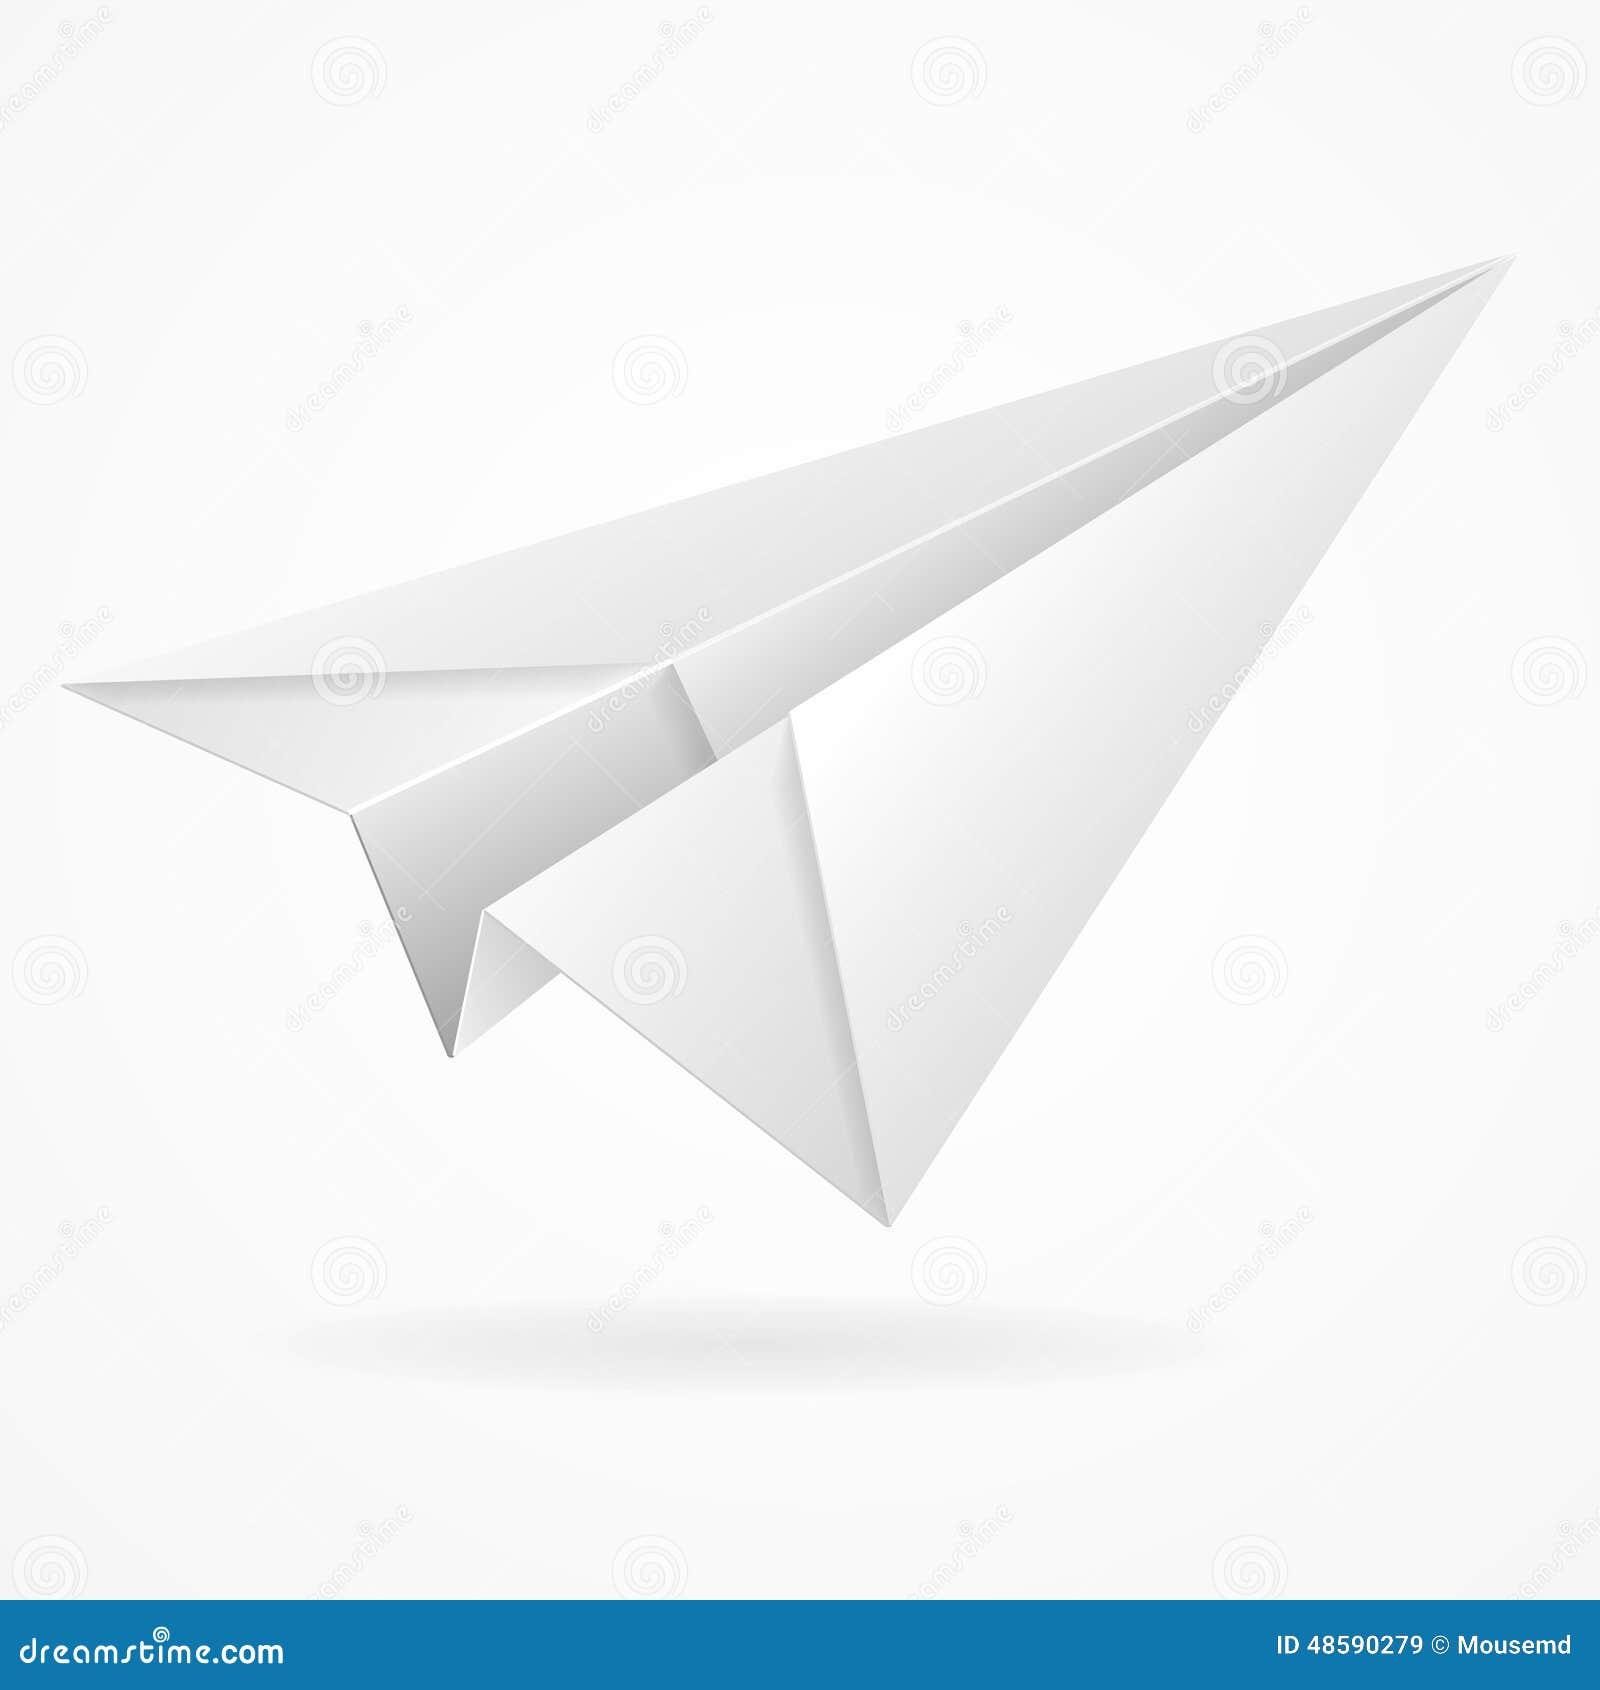 Charmant Faltschablone Für Papierflieger Bilder - Entry Level Resume ...